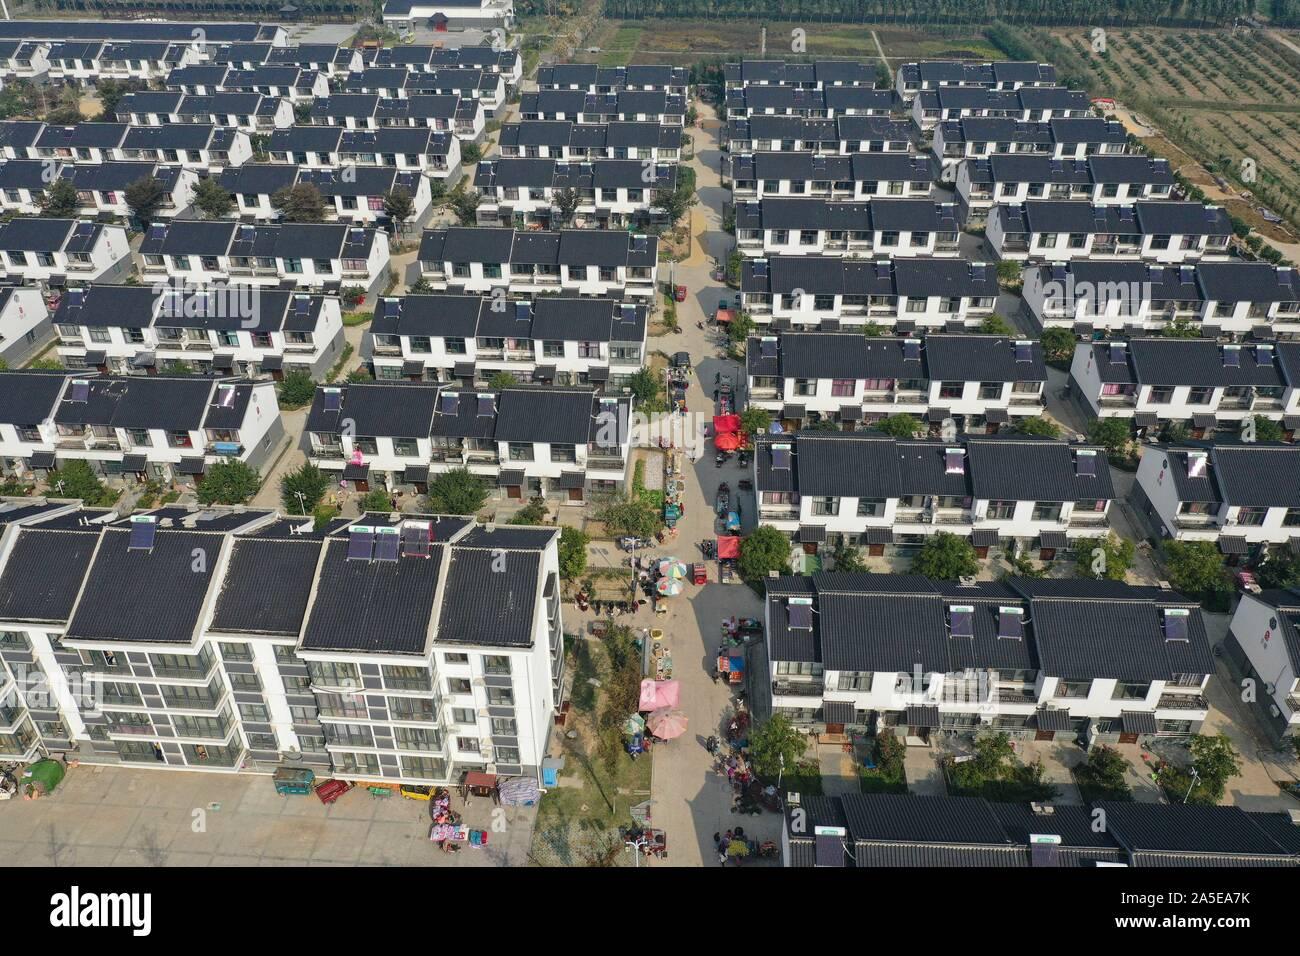 (191020) -- SUINING, 20 ott. 2019 (Xinhua) -- Foto aeree prese su 20 ott. 2019 mostra Gaodang villaggio della contea di Suining nella città di Xuzhou, est cinese della provincia di Jiangsu. Villaggio Gaodang ha in questi ultimi anni è stato impegnato per la regolazione delle strutture industriali e lo sviluppo di e-commerce e il turismo rurale industrie. Il reddito pro capite degli abitanti dei villaggi ha raggiunto 19,670 yuan (circa 2,778 dollari) nel 2018. (Xinhua/Ji Chunpeng) Foto Stock